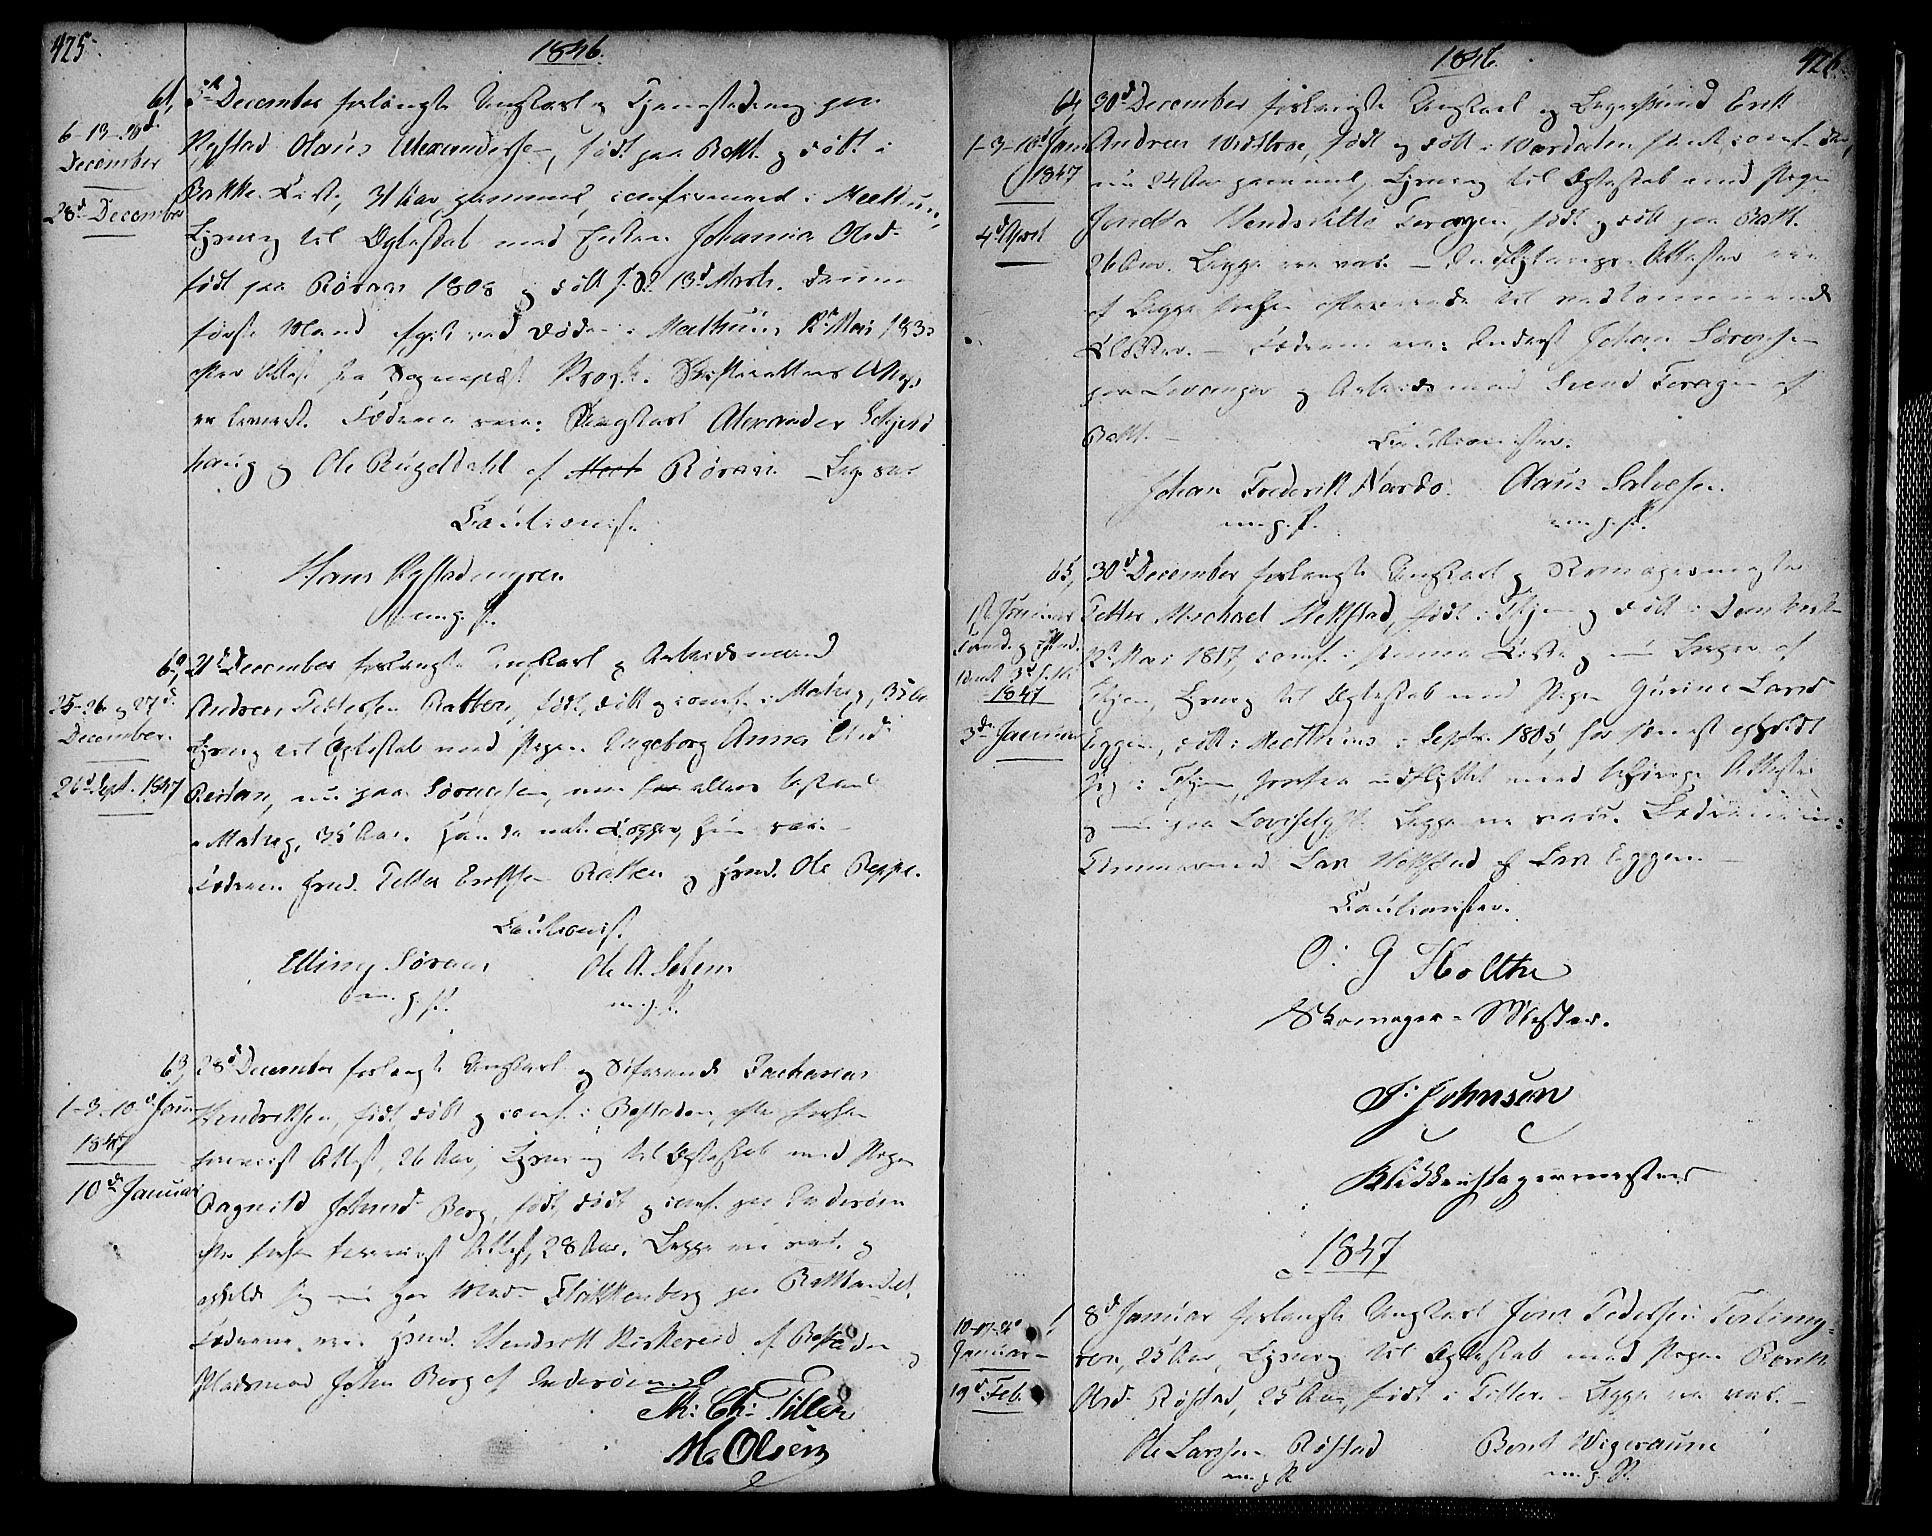 SAT, Ministerialprotokoller, klokkerbøker og fødselsregistre - Sør-Trøndelag, 604/L0181: Ministerialbok nr. 604A02, 1798-1817, s. 425-426